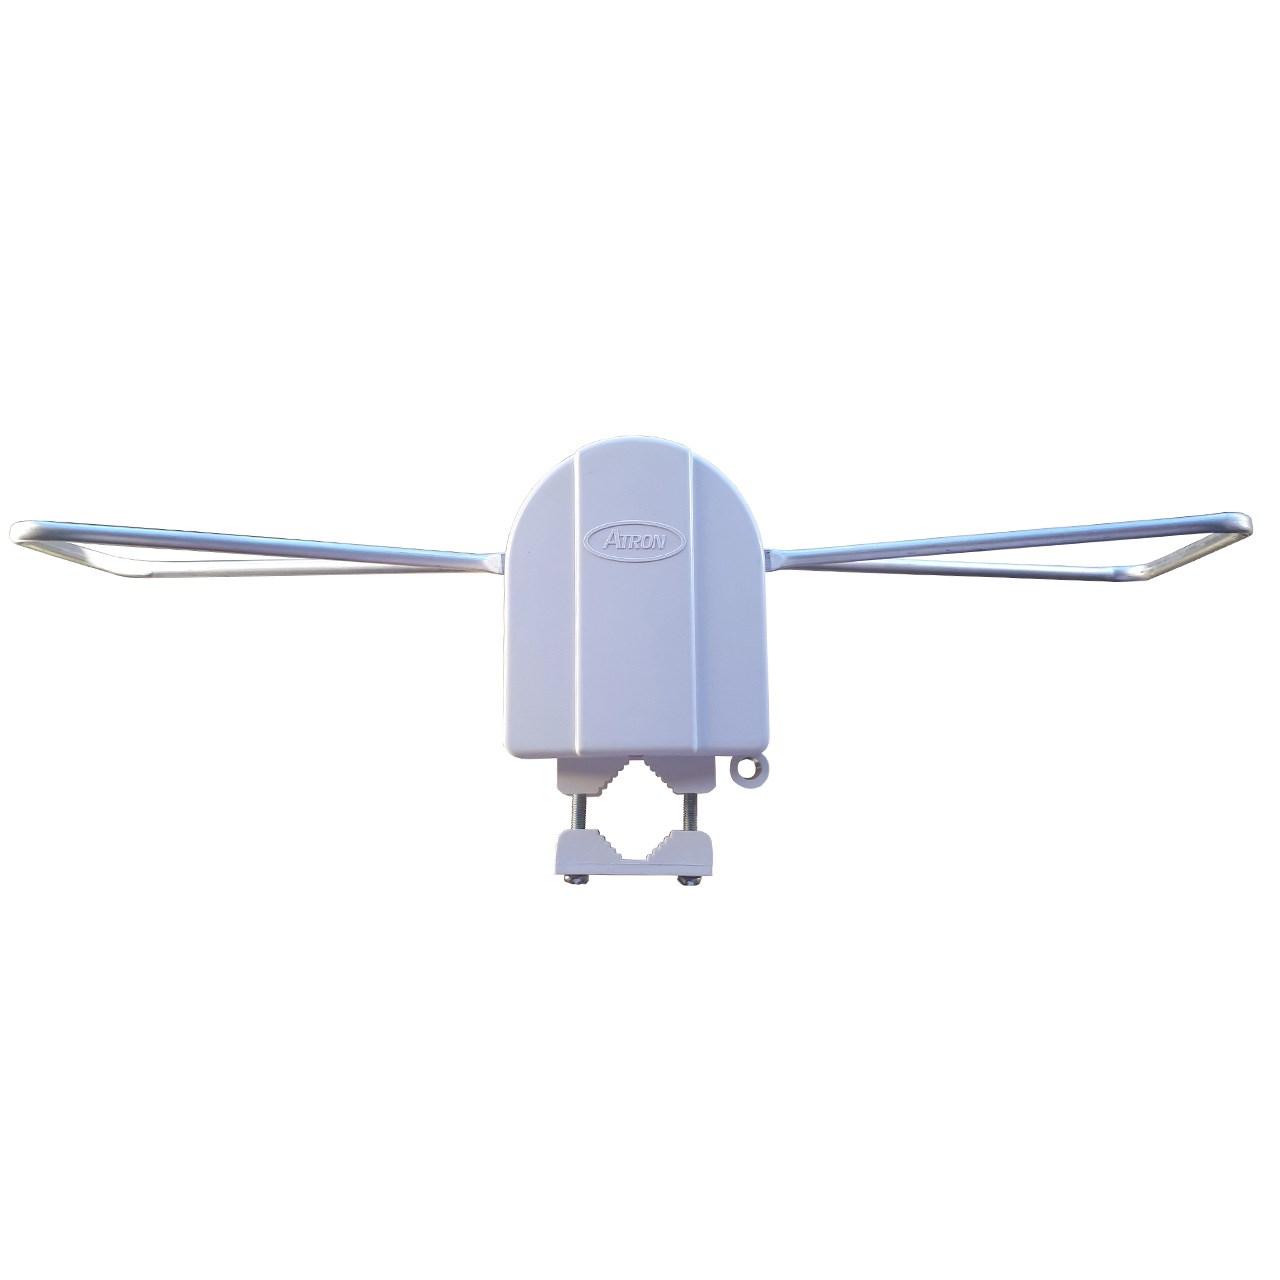 آنتن هوایی آترون مدل پروانه ای